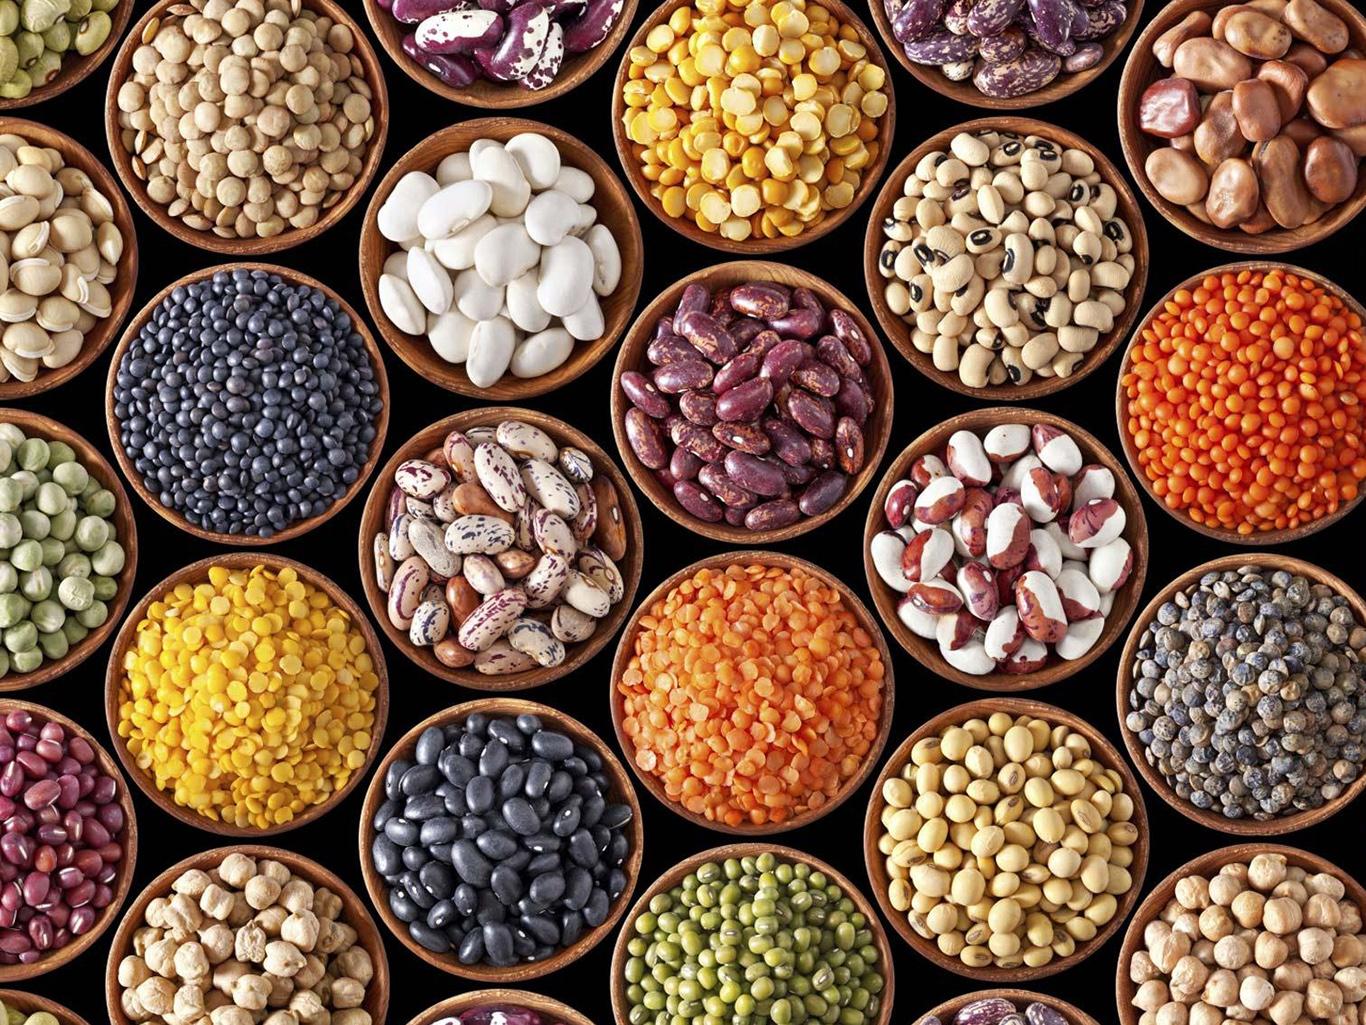 Фитиновая кислота в продуктах: какой вред на носит и как от не избавиться